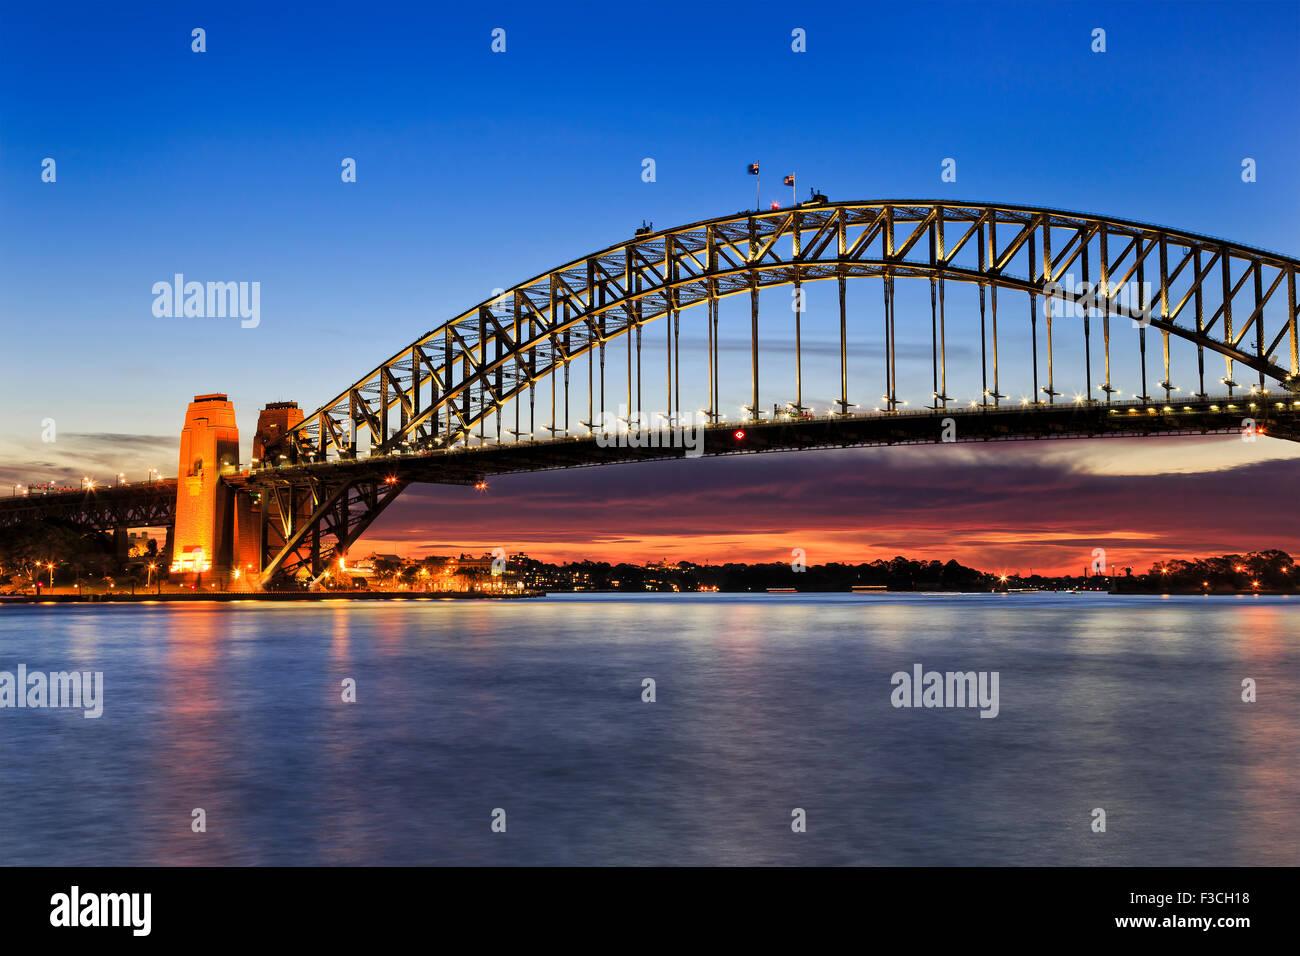 Seitenansicht der Sydney Harbour Bridge bei Sonnenaufgang mit Scarlett Sonnenlicht und Beleuchtung noch Bogen Stockbild